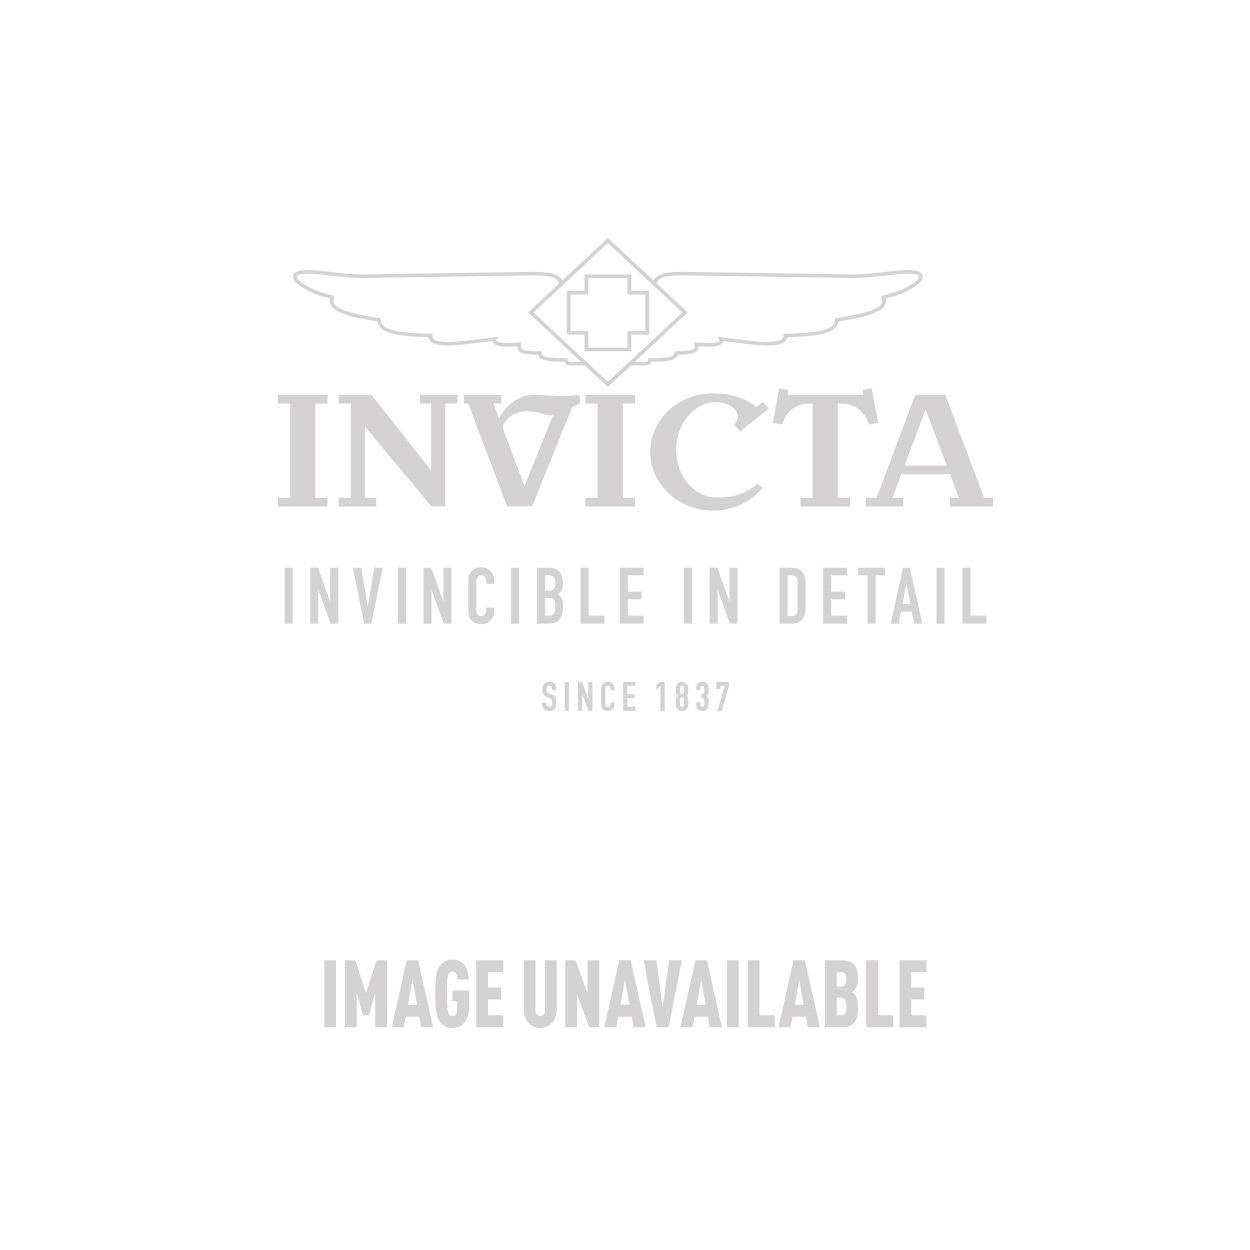 Invicta Model  25721